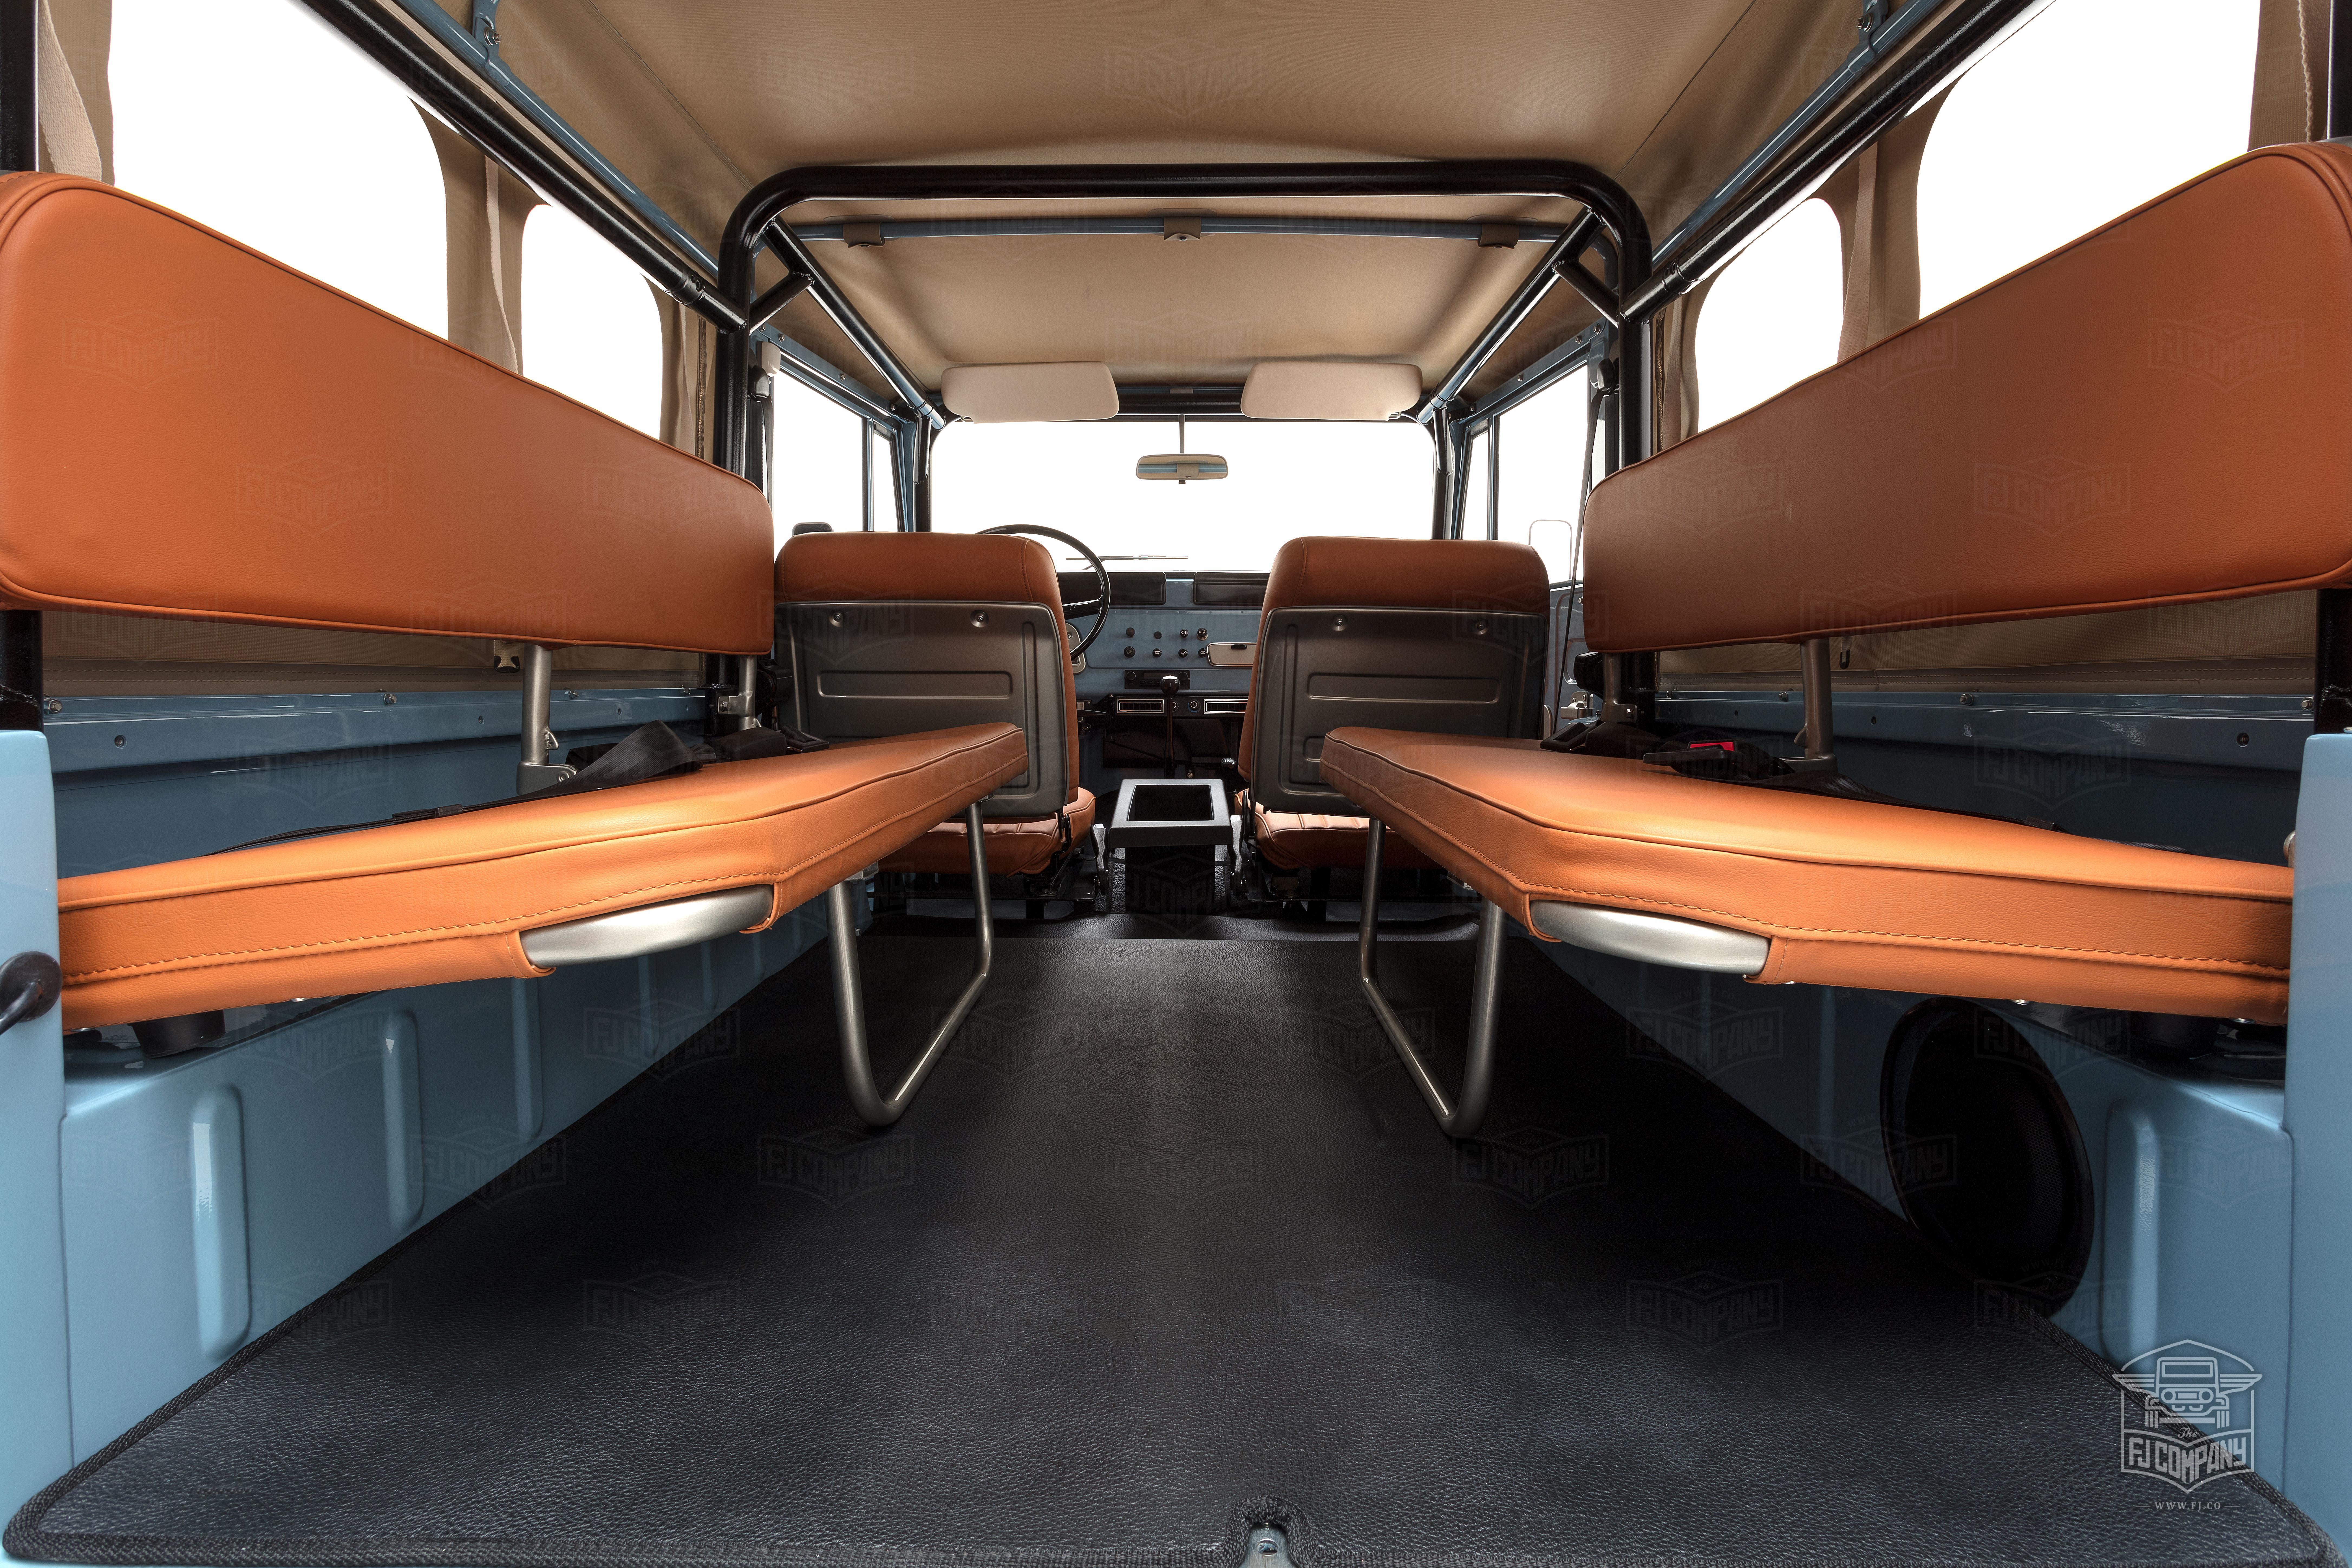 image_594dccbc1ba3c_The-FJ-Company-1973-FJ43-Land-Cruiser---Capri-Blue-325992---Studio_027